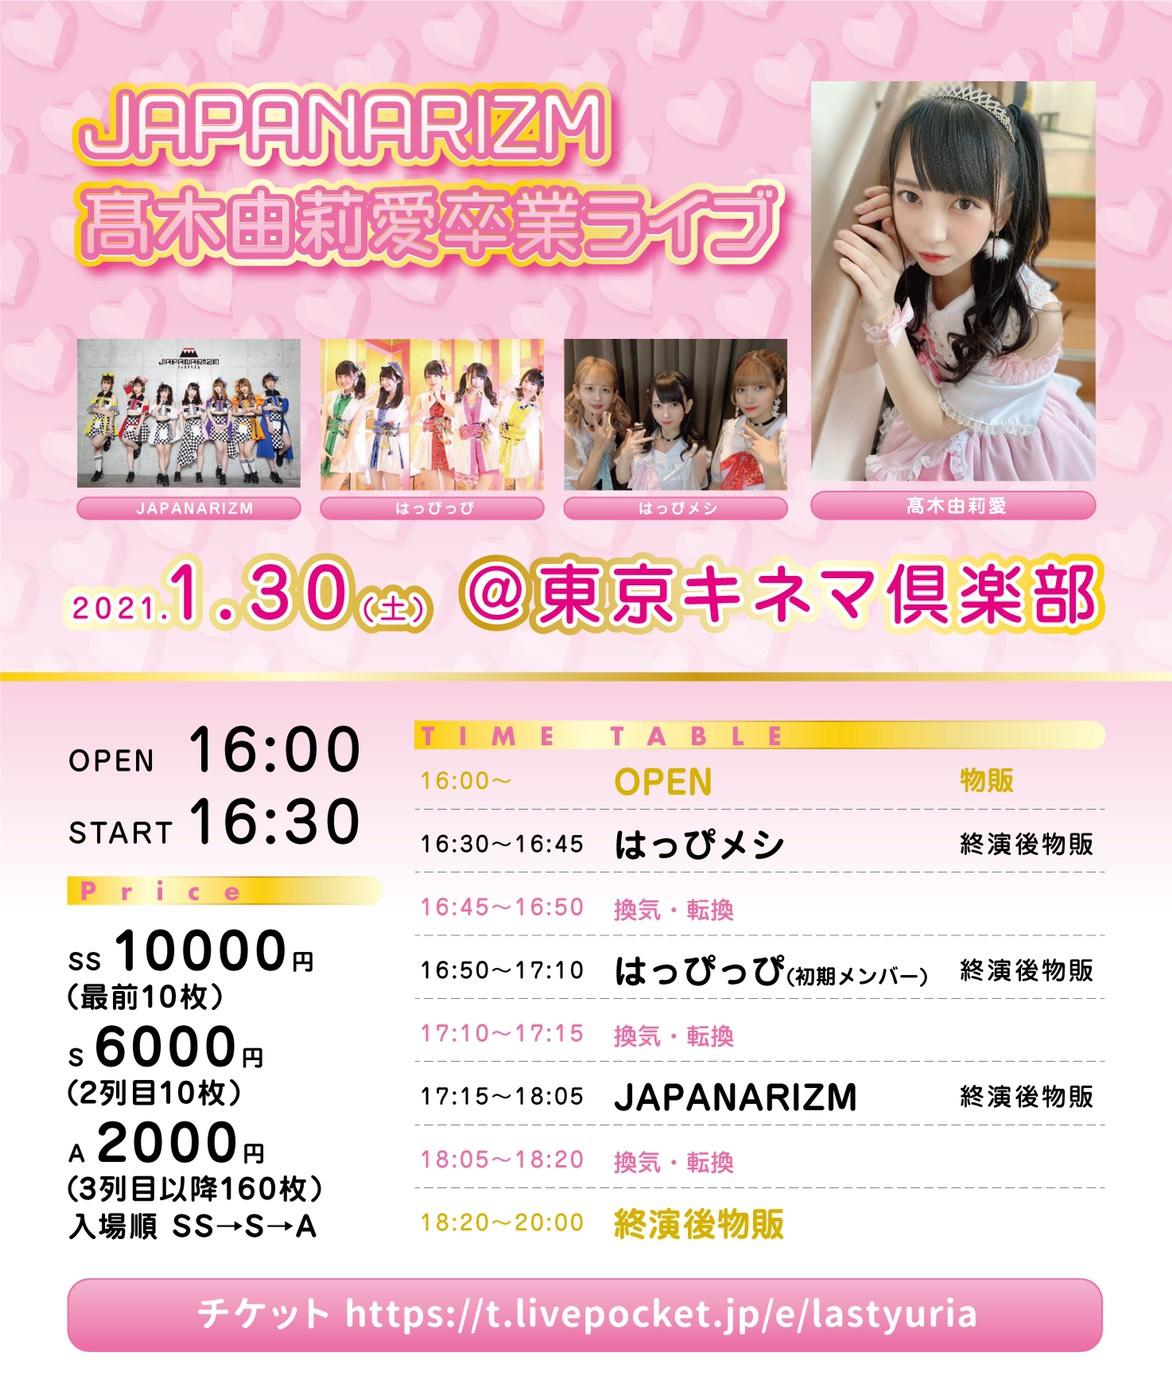 2021/1/30(土)『JAPANARIZM髙木由莉愛卒業ライブ』東京キネマ倶楽部